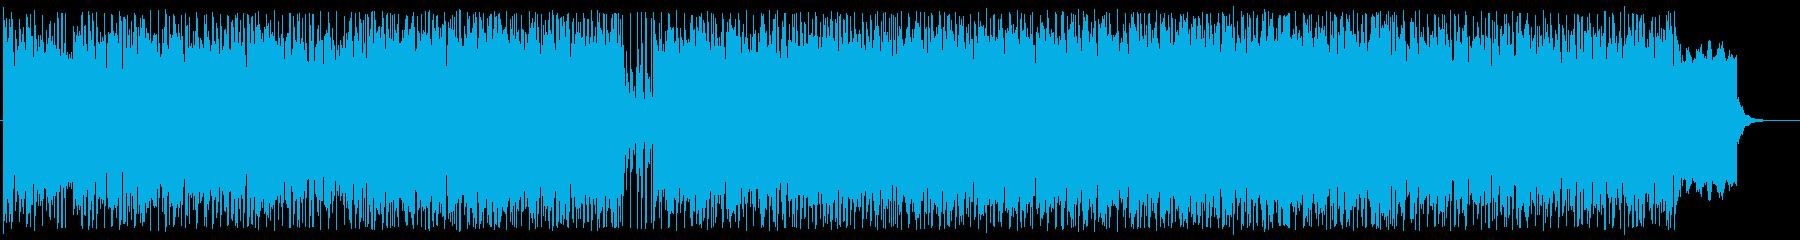 疾走感のあるポップなBGMの再生済みの波形